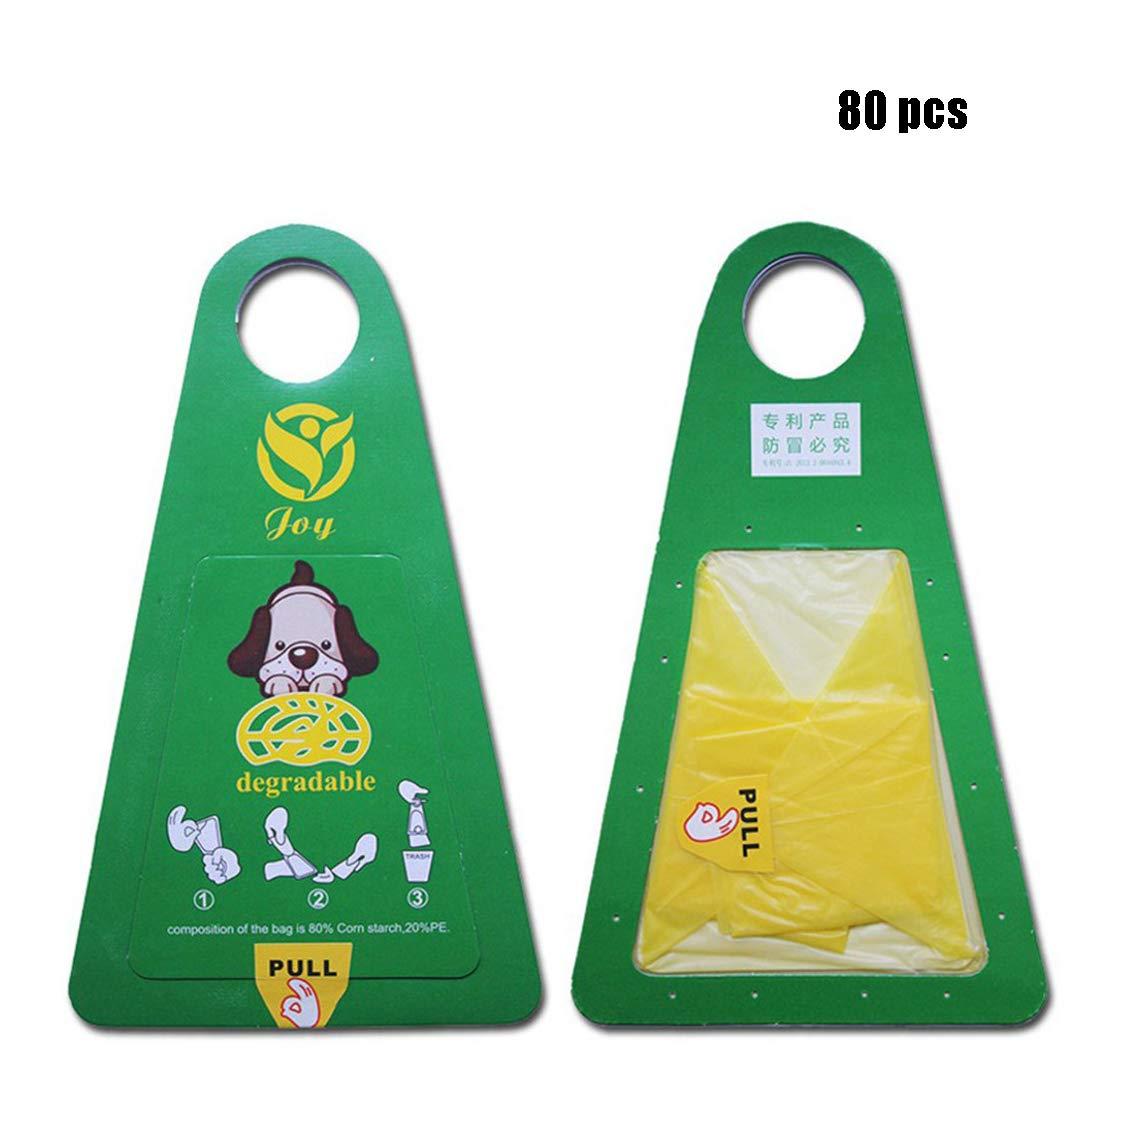 Bolsas para Excrementos De Perro Extra Grande, Biodegradable ...